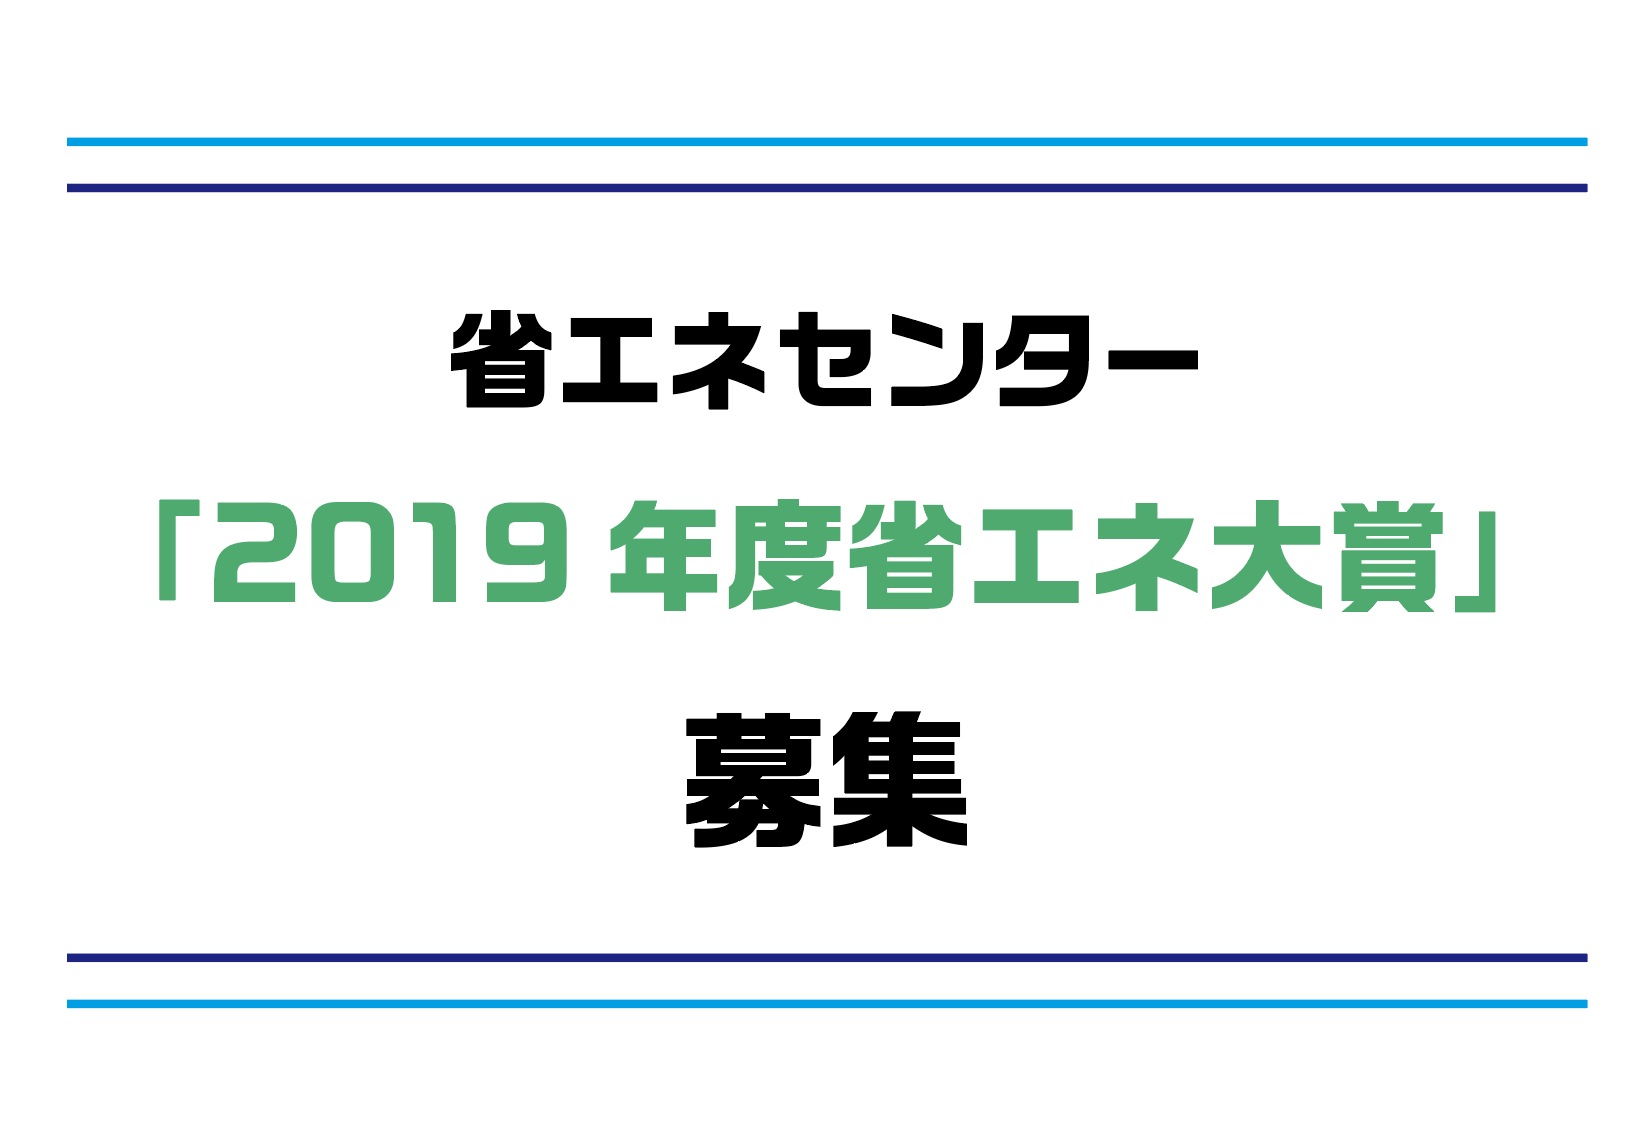 省エネセンター「2019年度省エネ大賞」募集の画像